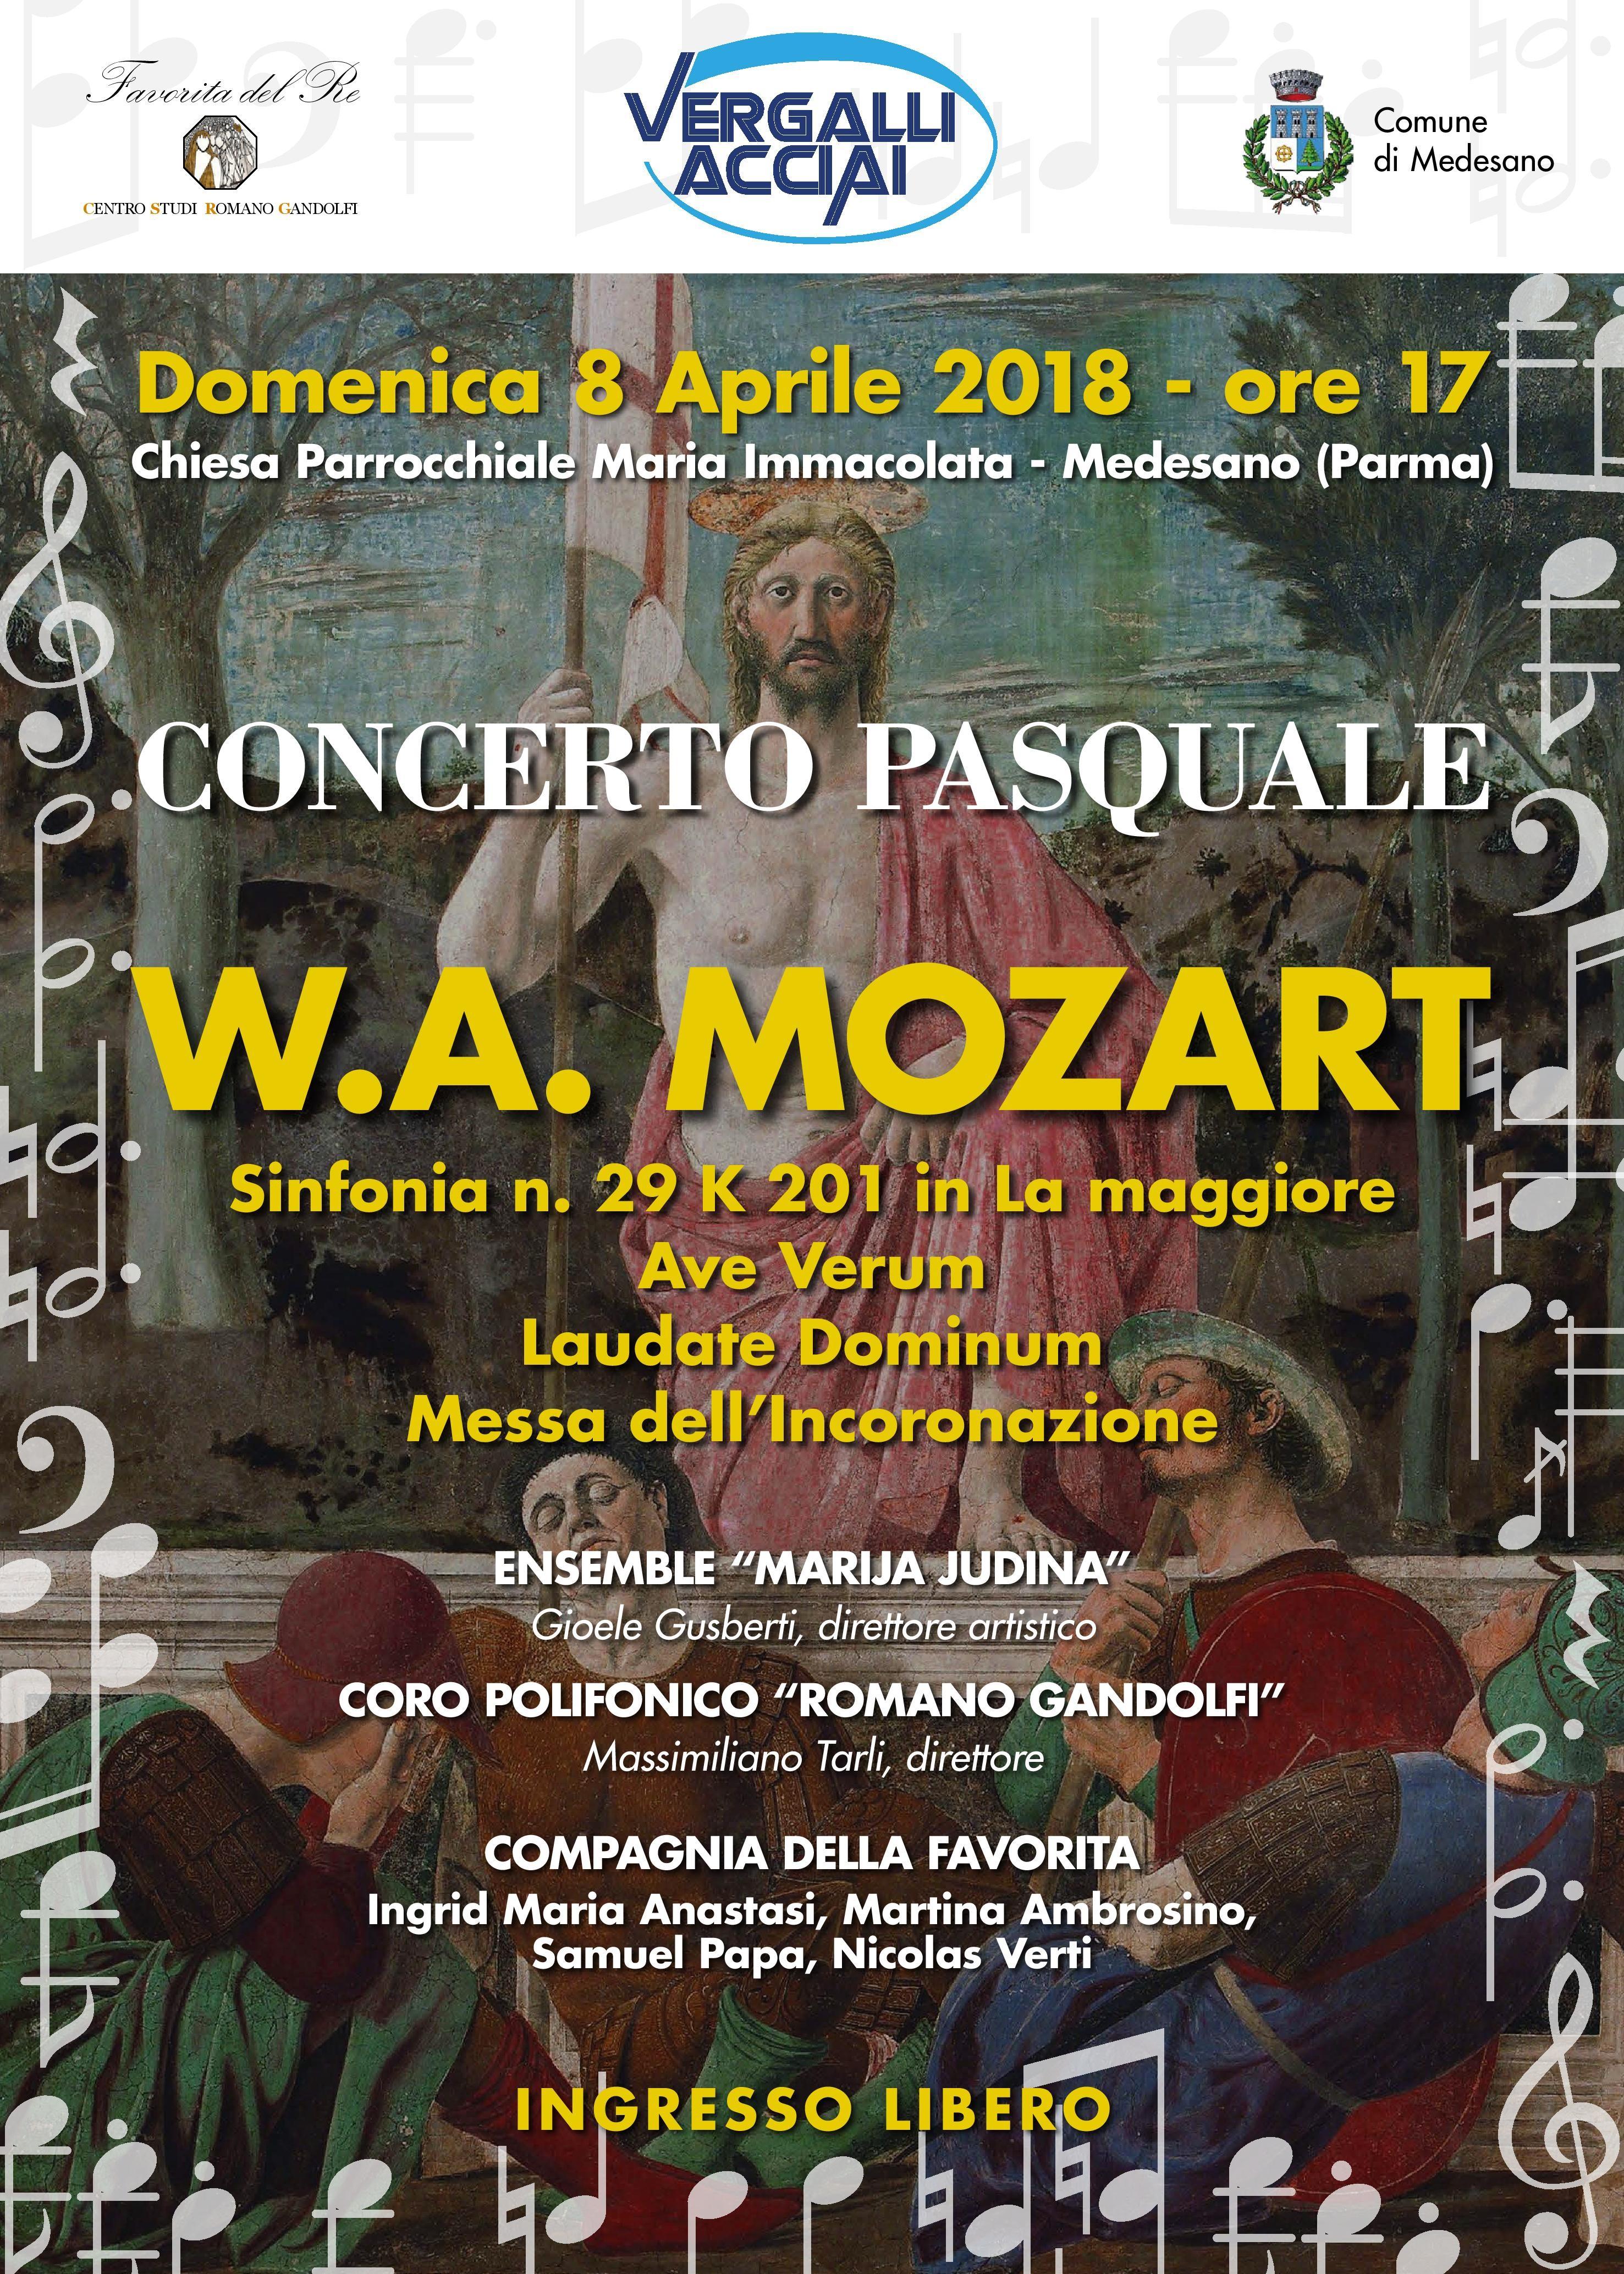 CONCERTO PASQUALEW. A. Mozart nella Chiesa parrocchiale di Medesano